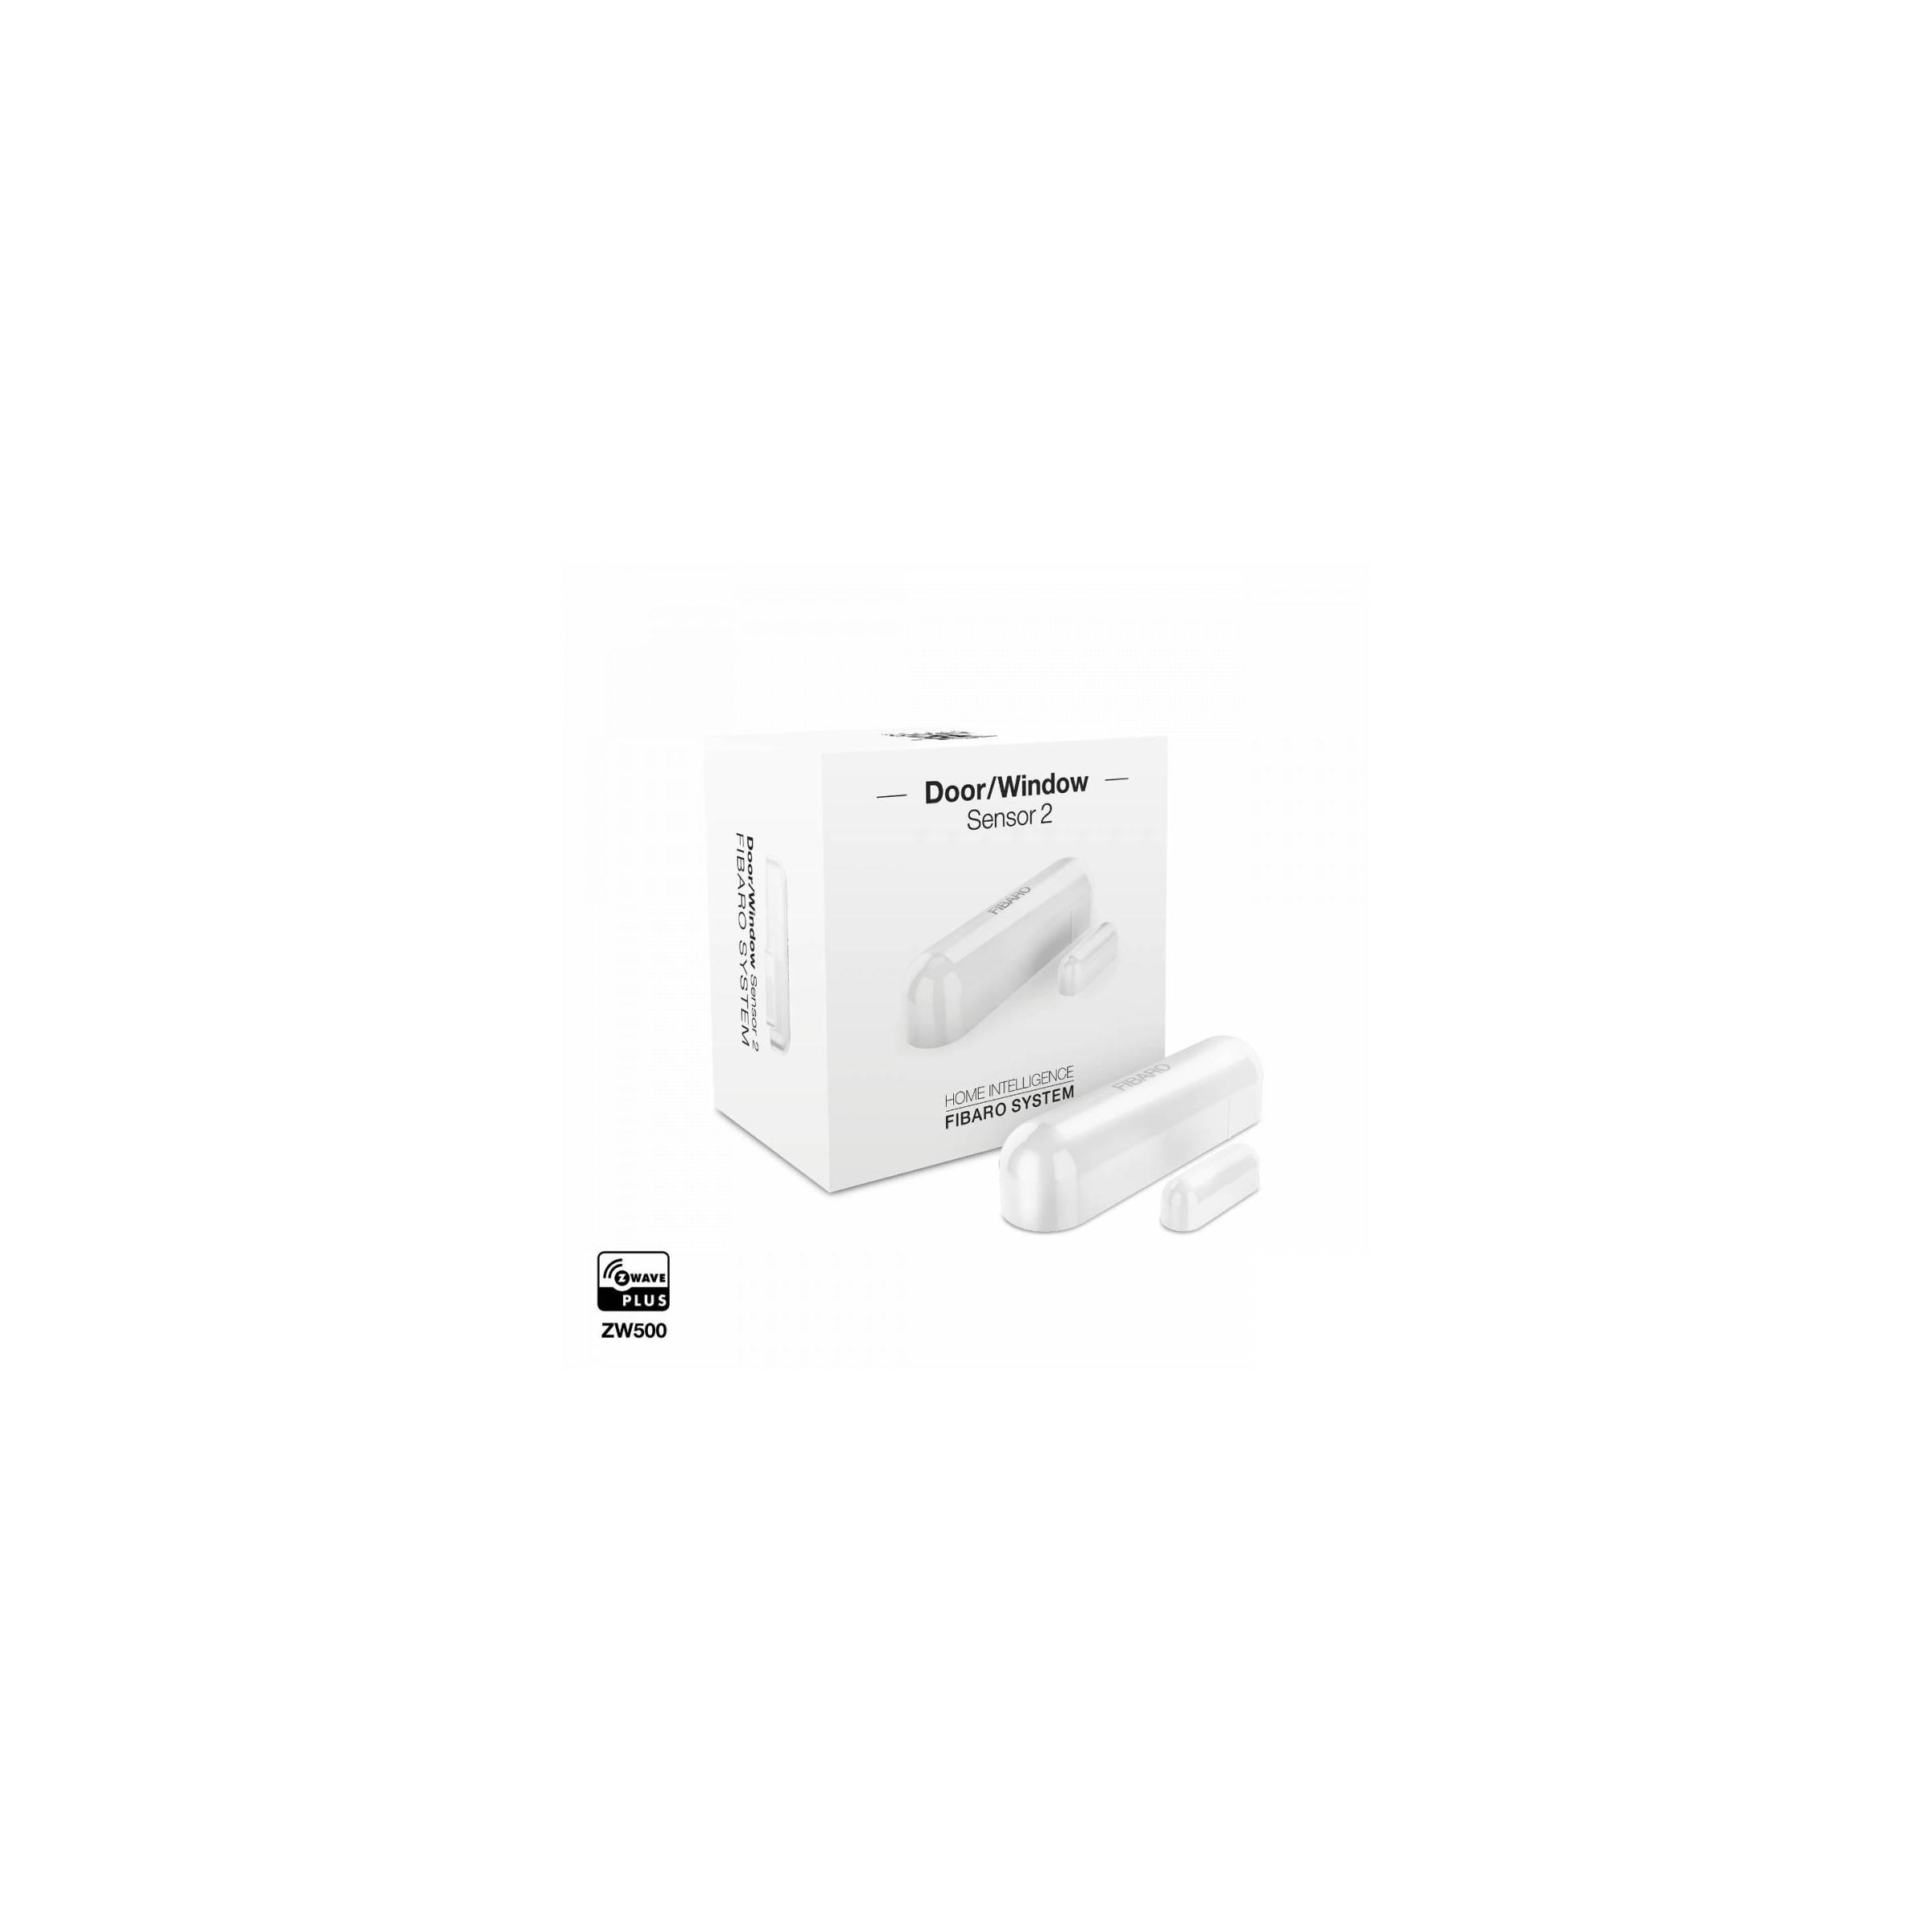 fibaro – Fibaro door window sensor 2 white fra mackabler.dk